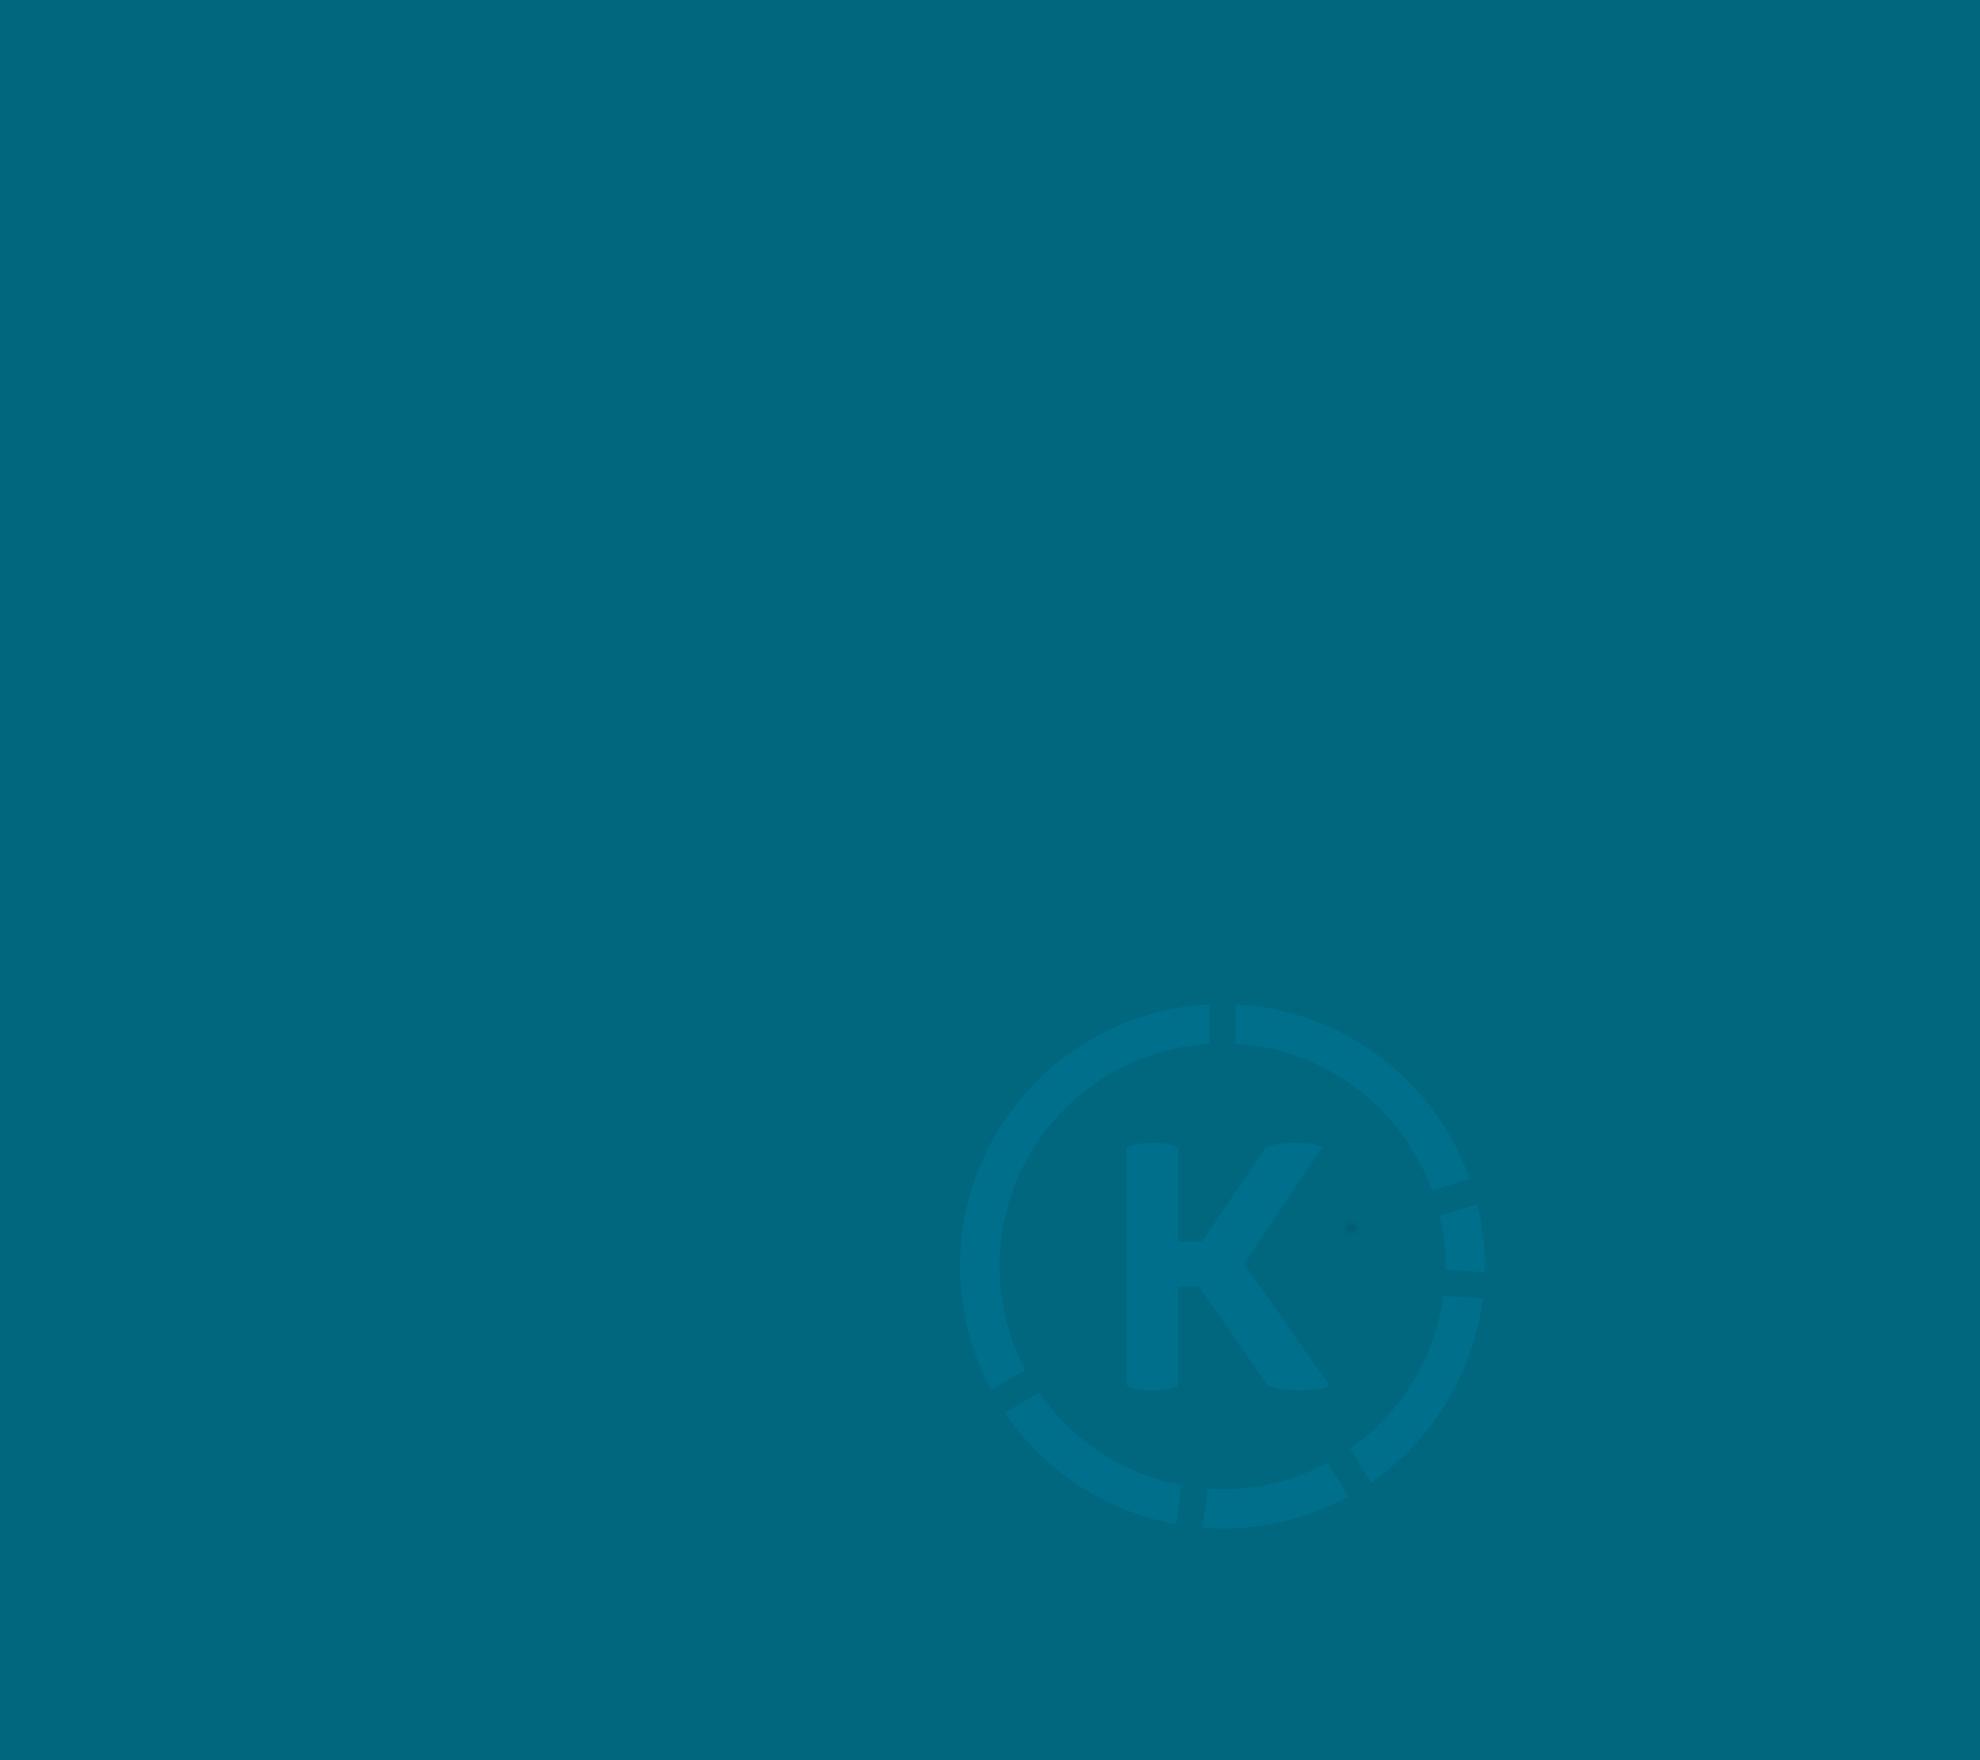 Hintergrund mit Logo